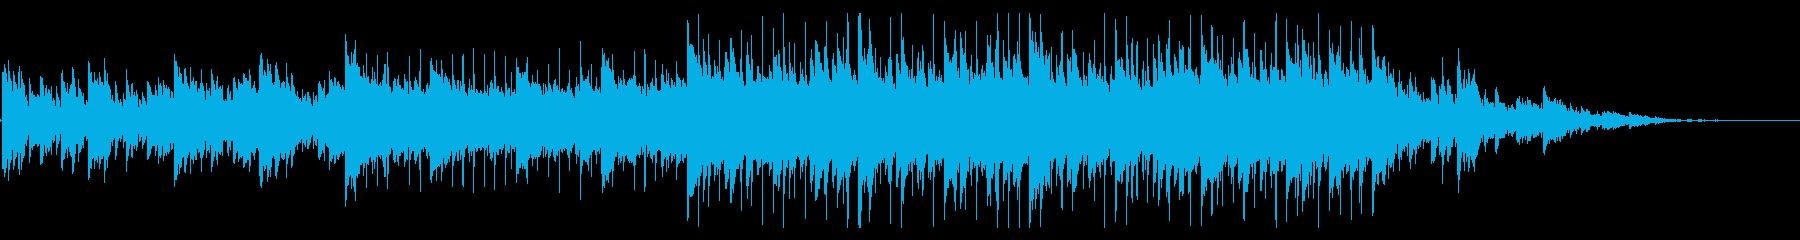 bgm40の再生済みの波形